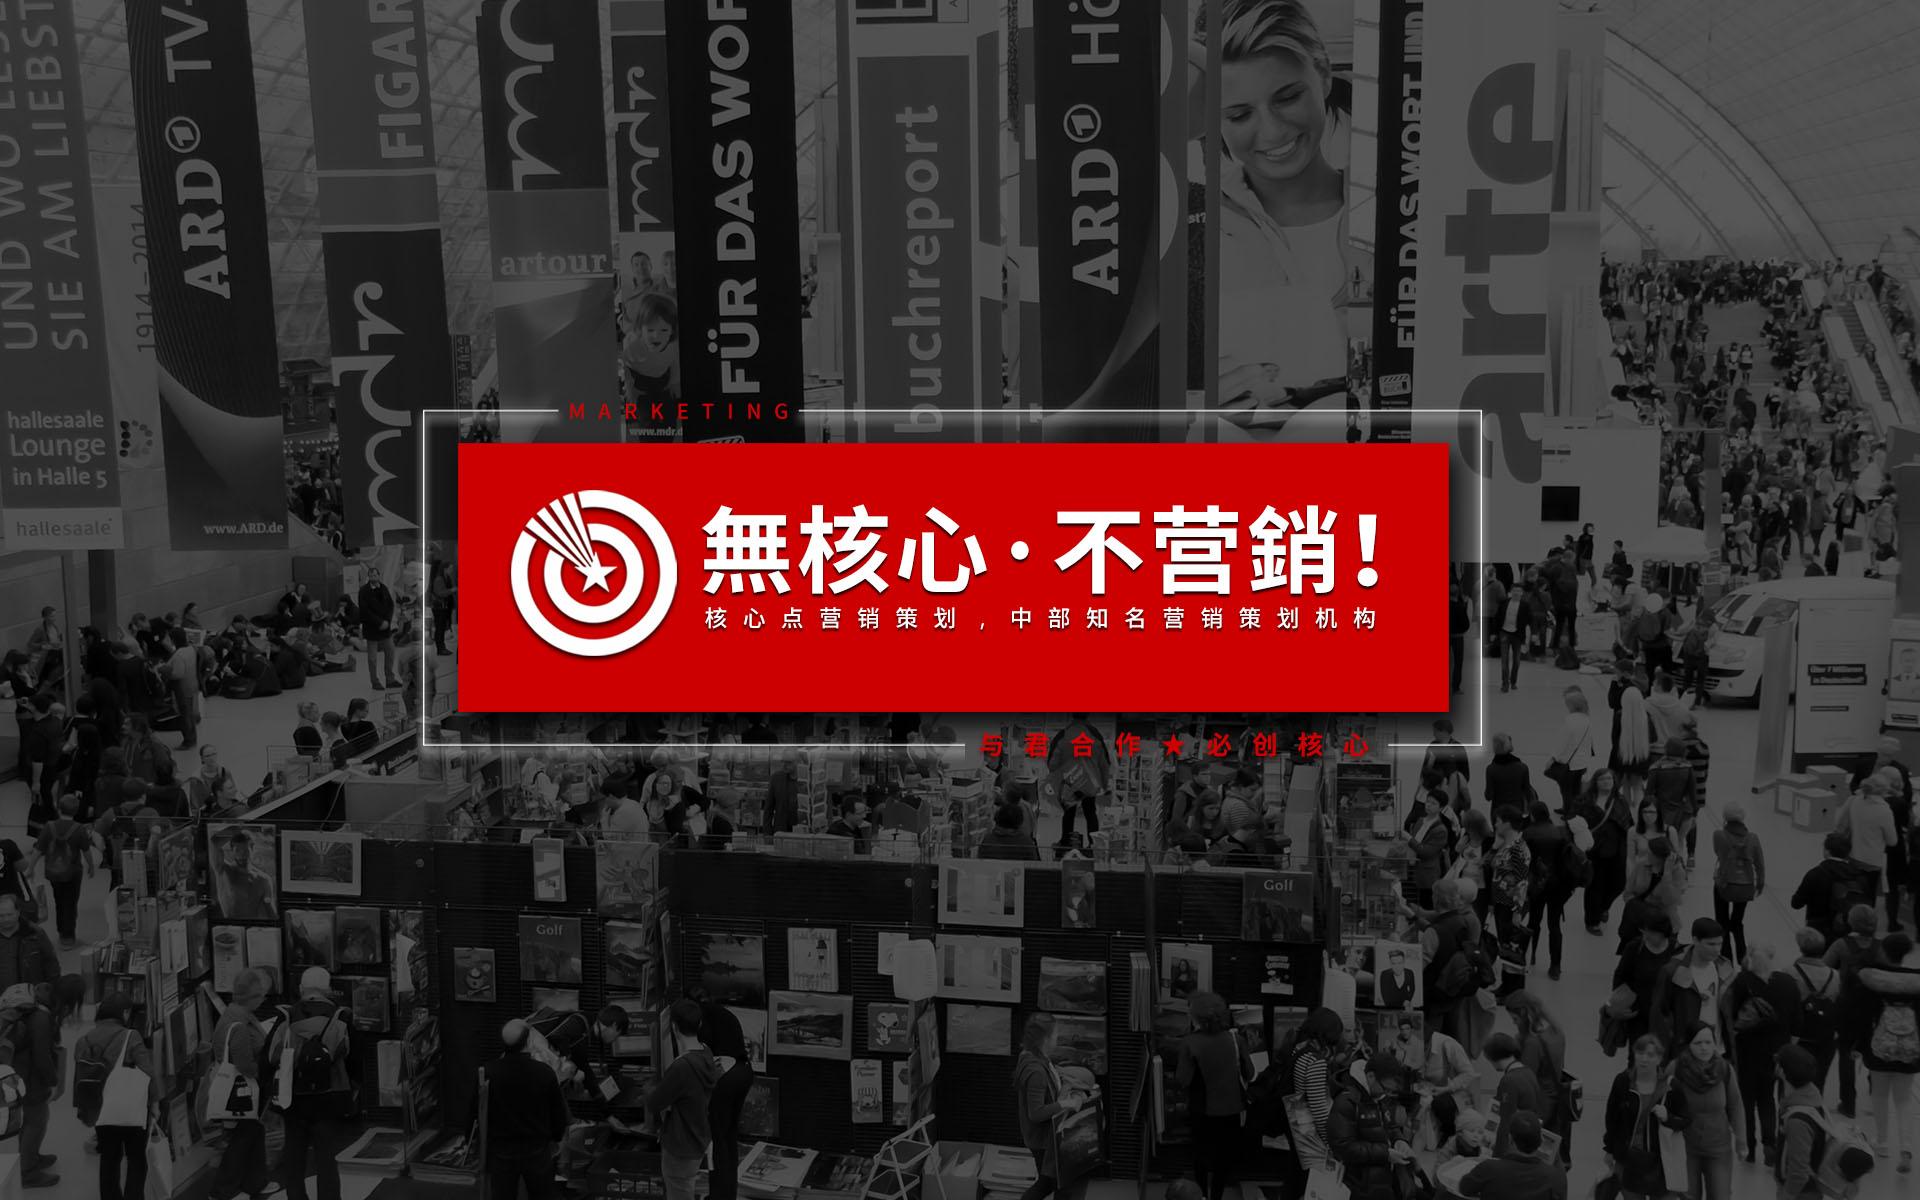 武汉核心点营销策划公司